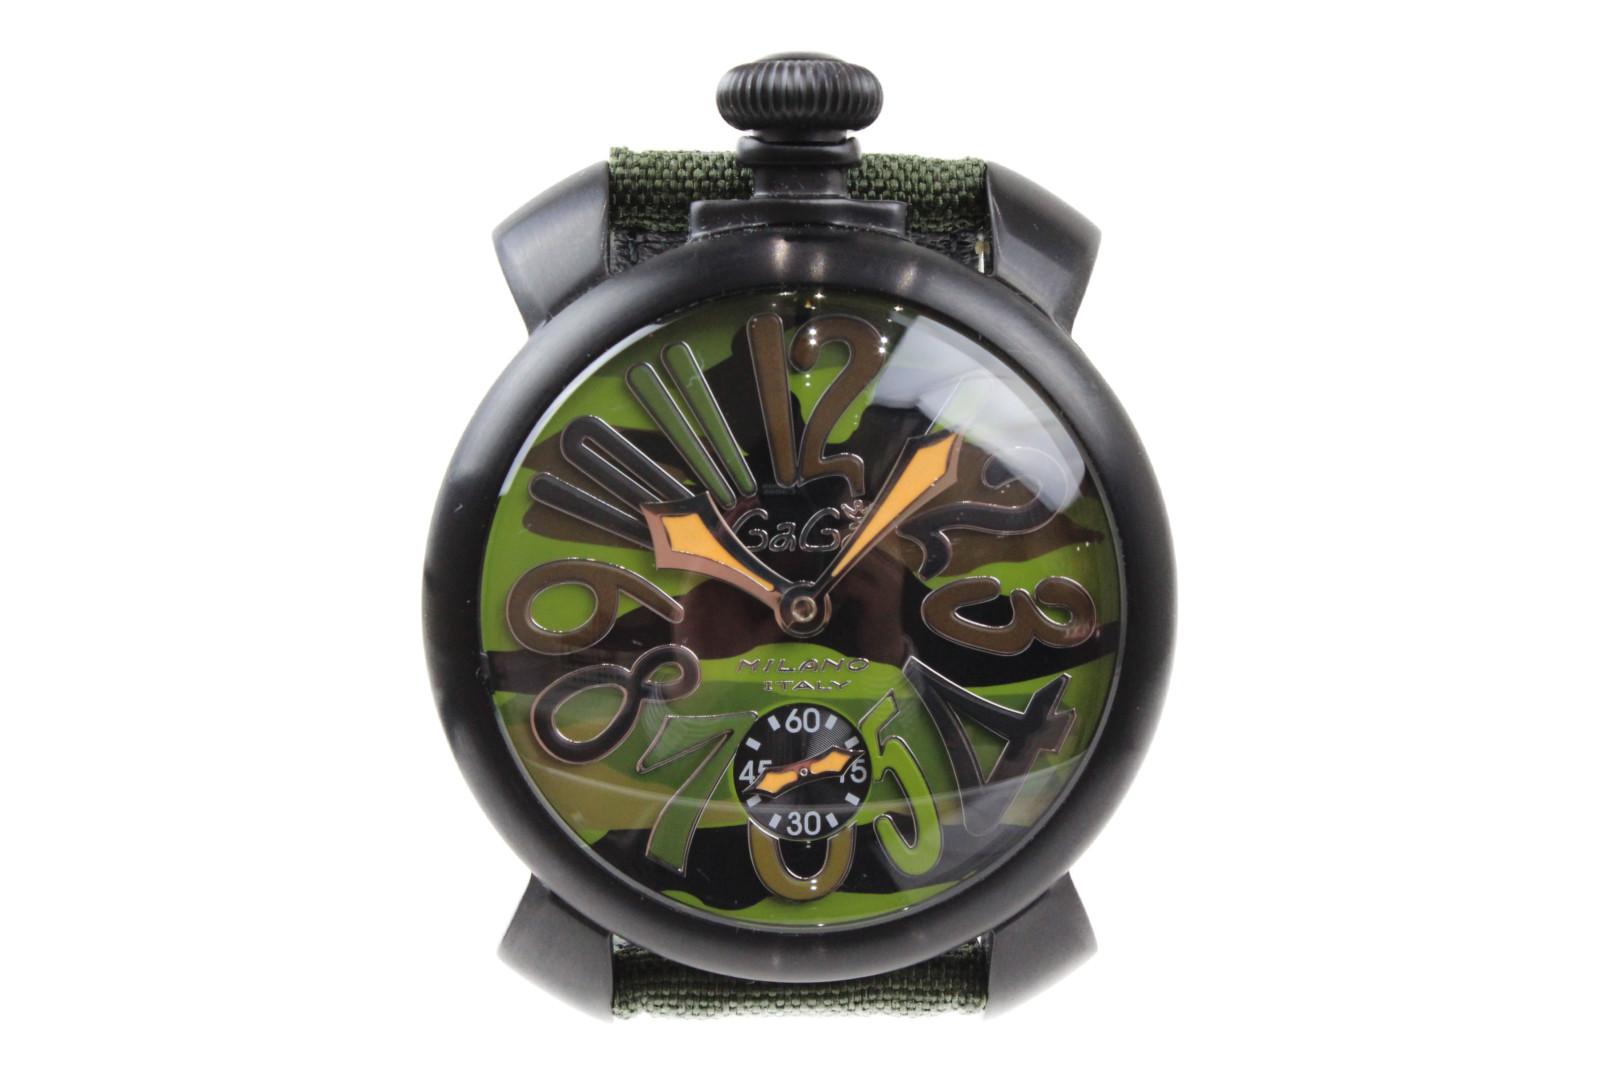 【世界500本限定】GaGamirano マヌアーレ48mm 5012.5S 手巻き スモールセコンド ステンレス コーデュラレザー 迷彩 ミリタリー カーキ メンズ 腕時計【中古】